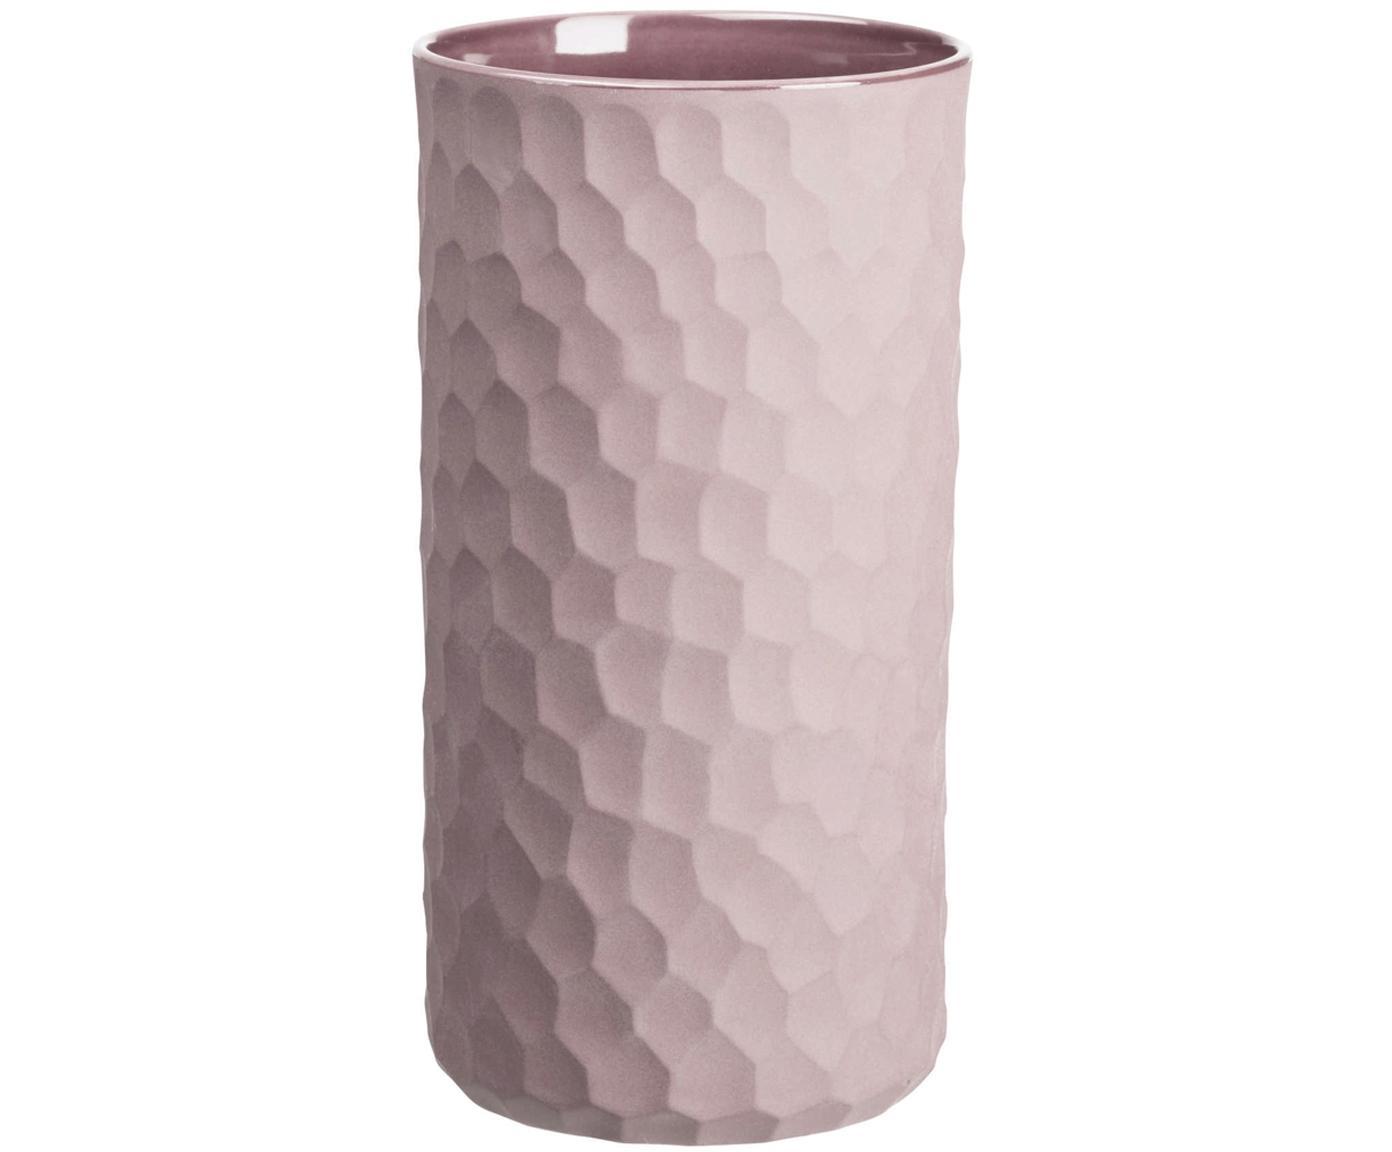 Vase Power aus Steingut, Steingut, Puderrosa, Ø 12 x H 24 cm